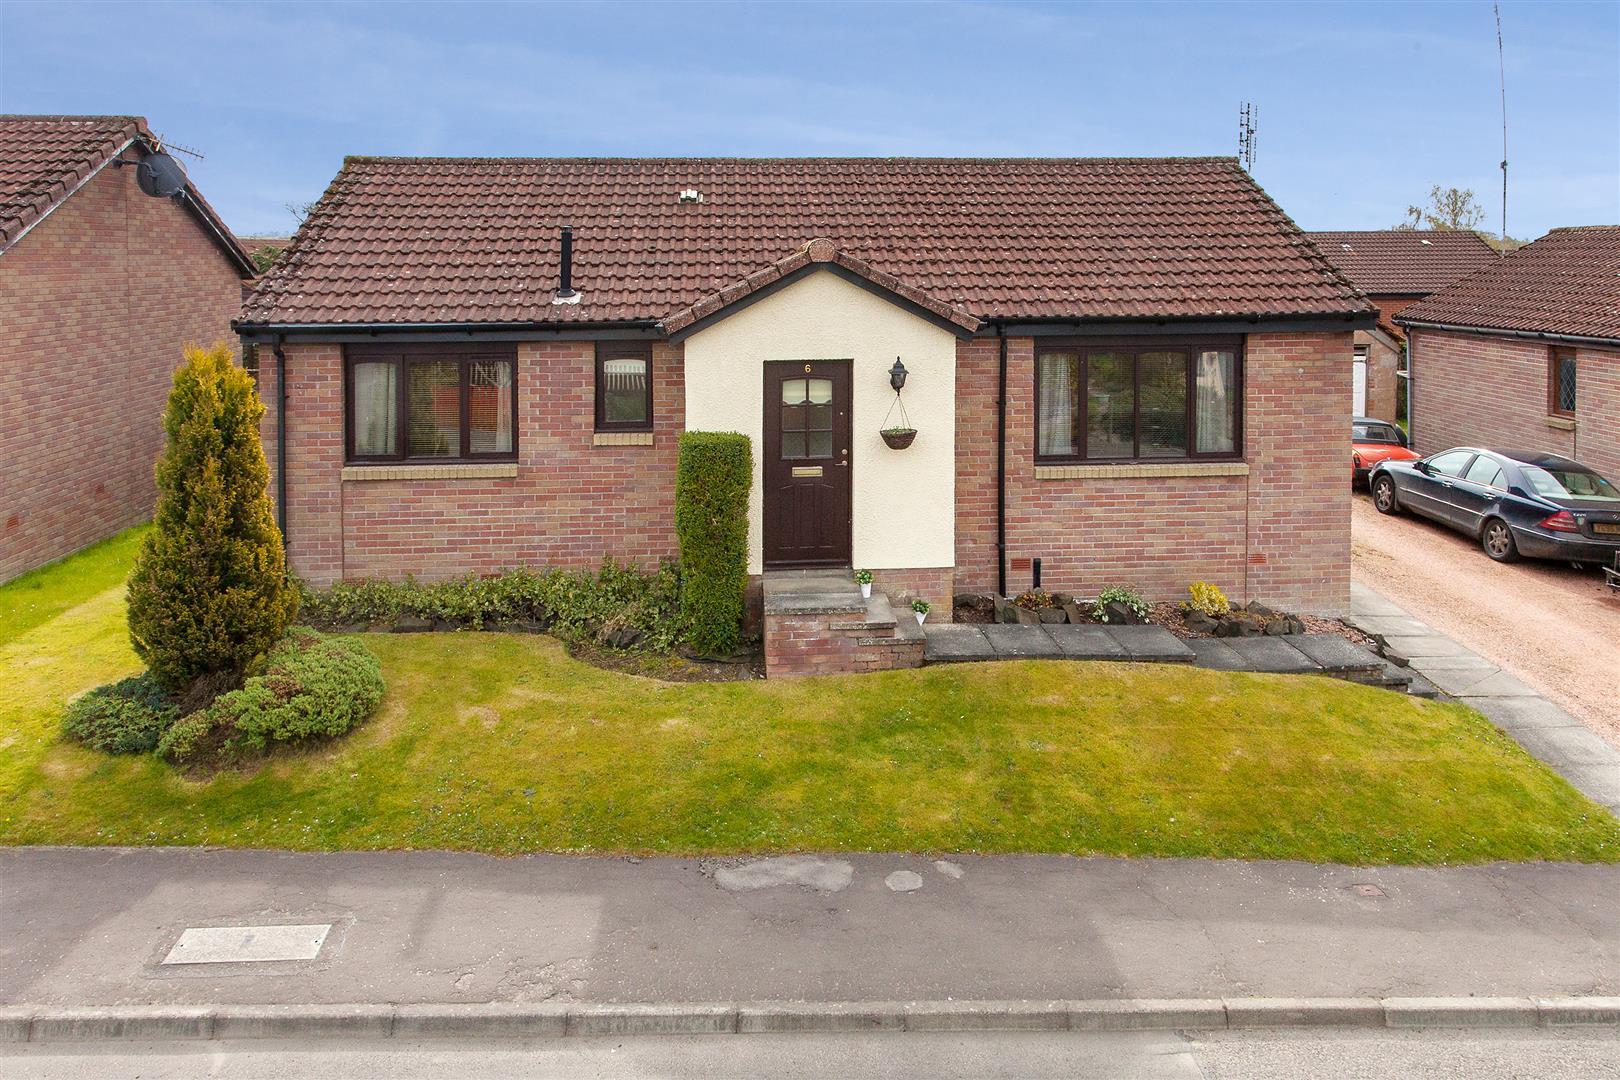 6, Linn Road, Stanley, Perth, Perthshire, PH1 4QS, UK